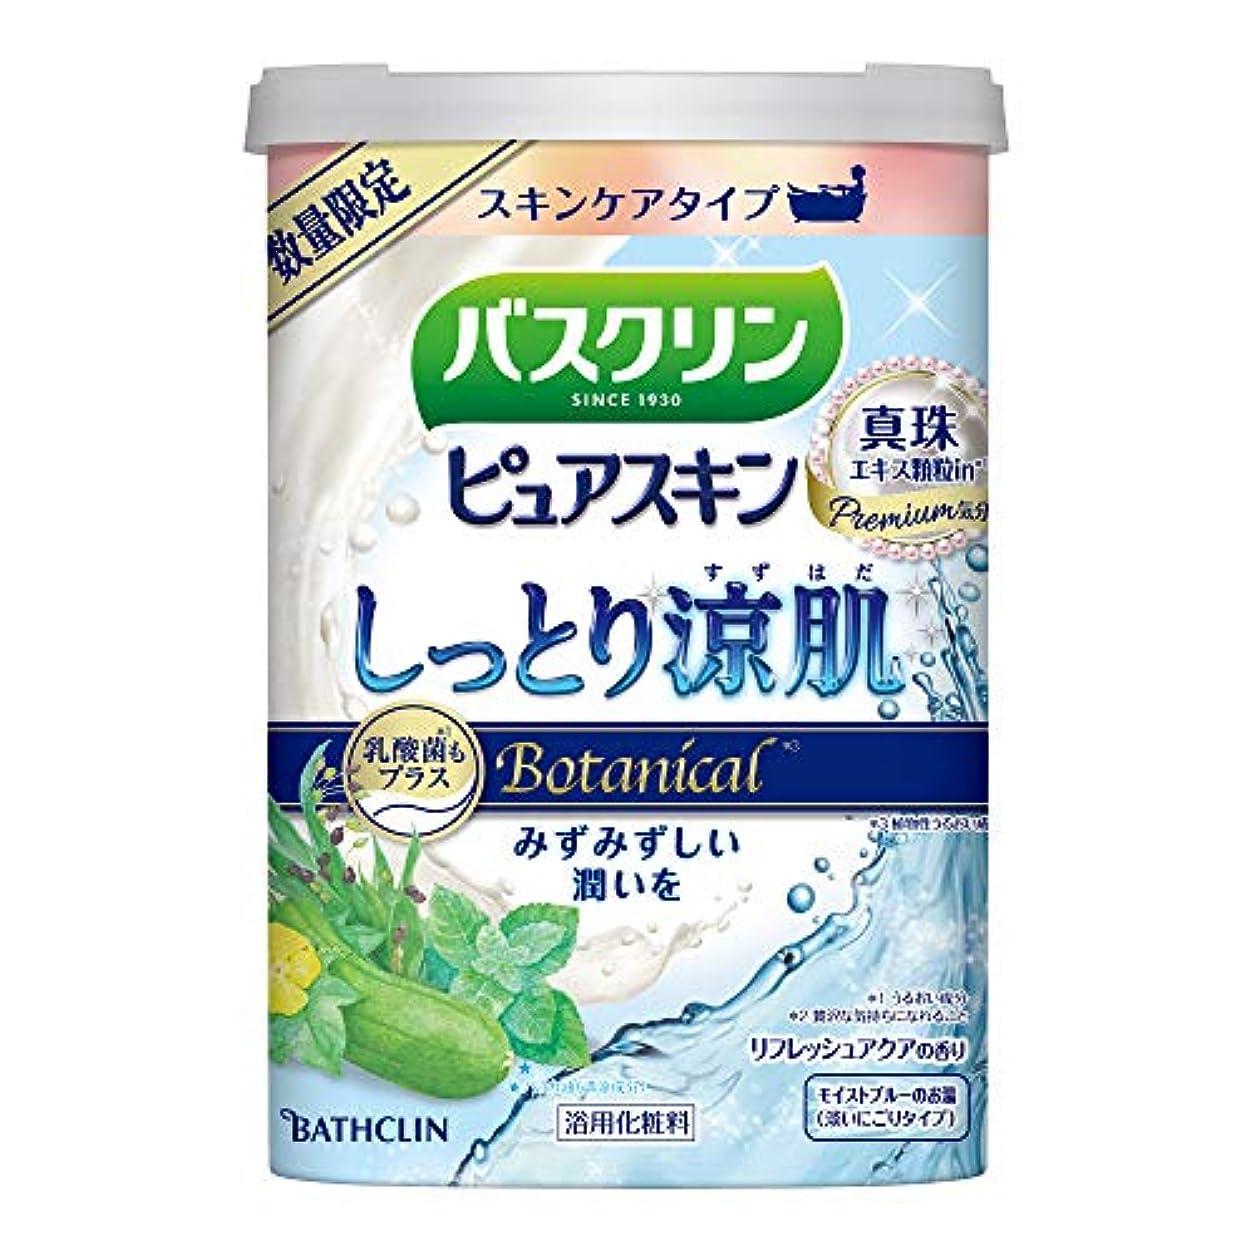 滴下振り子上向き【数量限定品】バスクリンピュアスキン入浴剤 しっとり涼肌600g(約30回分) スキンケアにごりタイプ 保湿